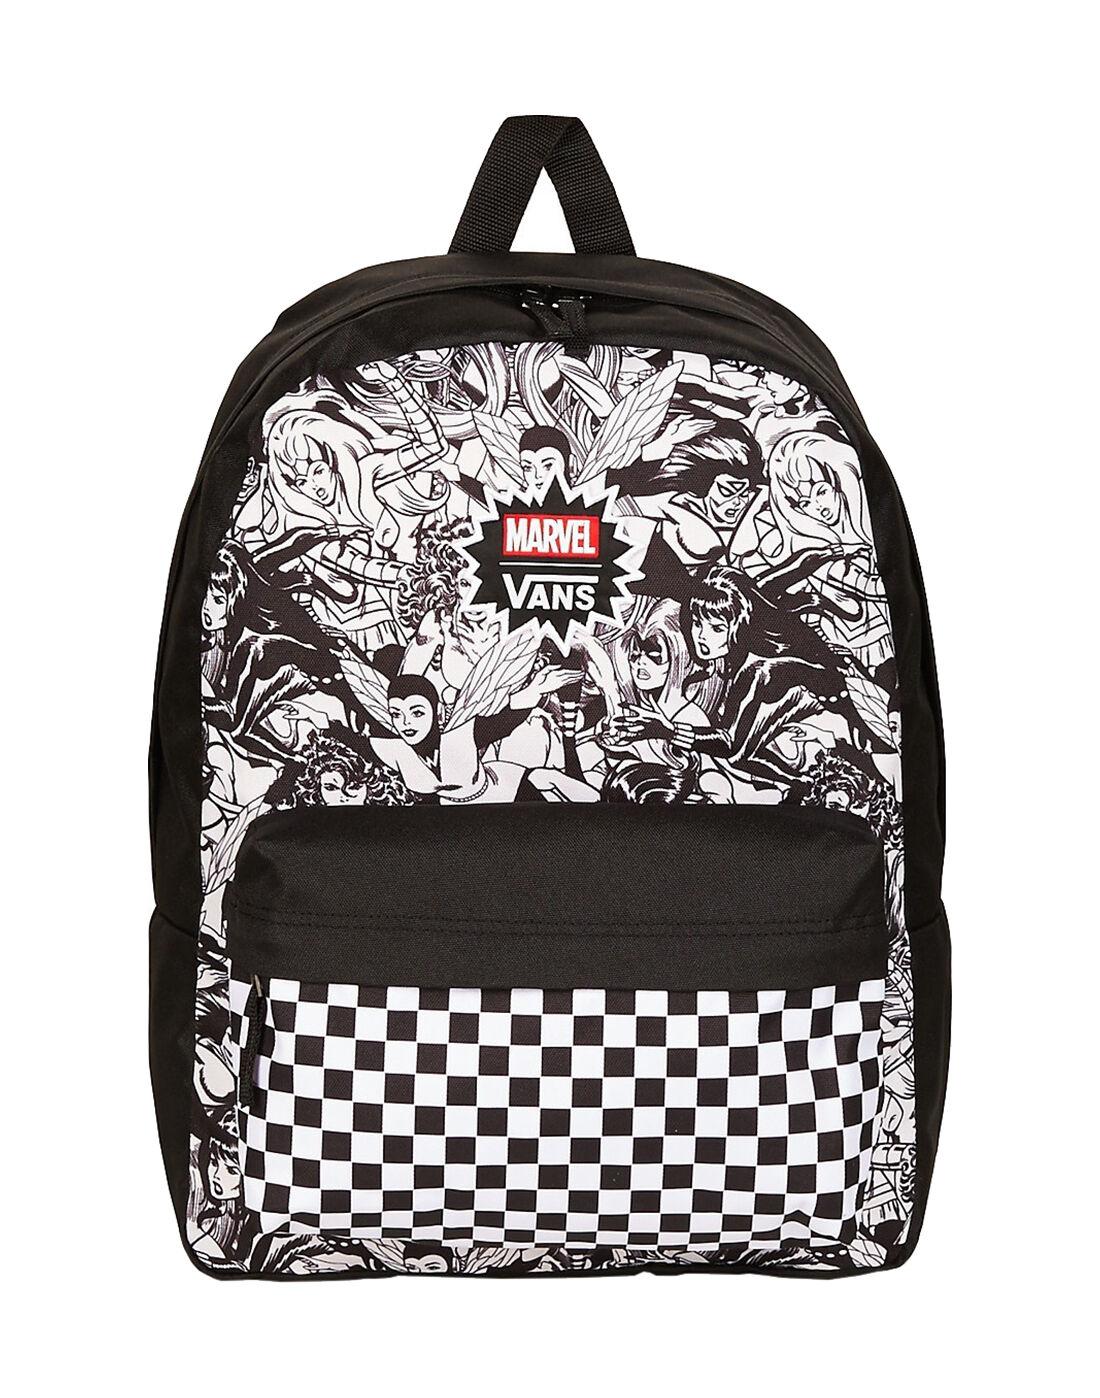 Vans Realm Marvel Backpack